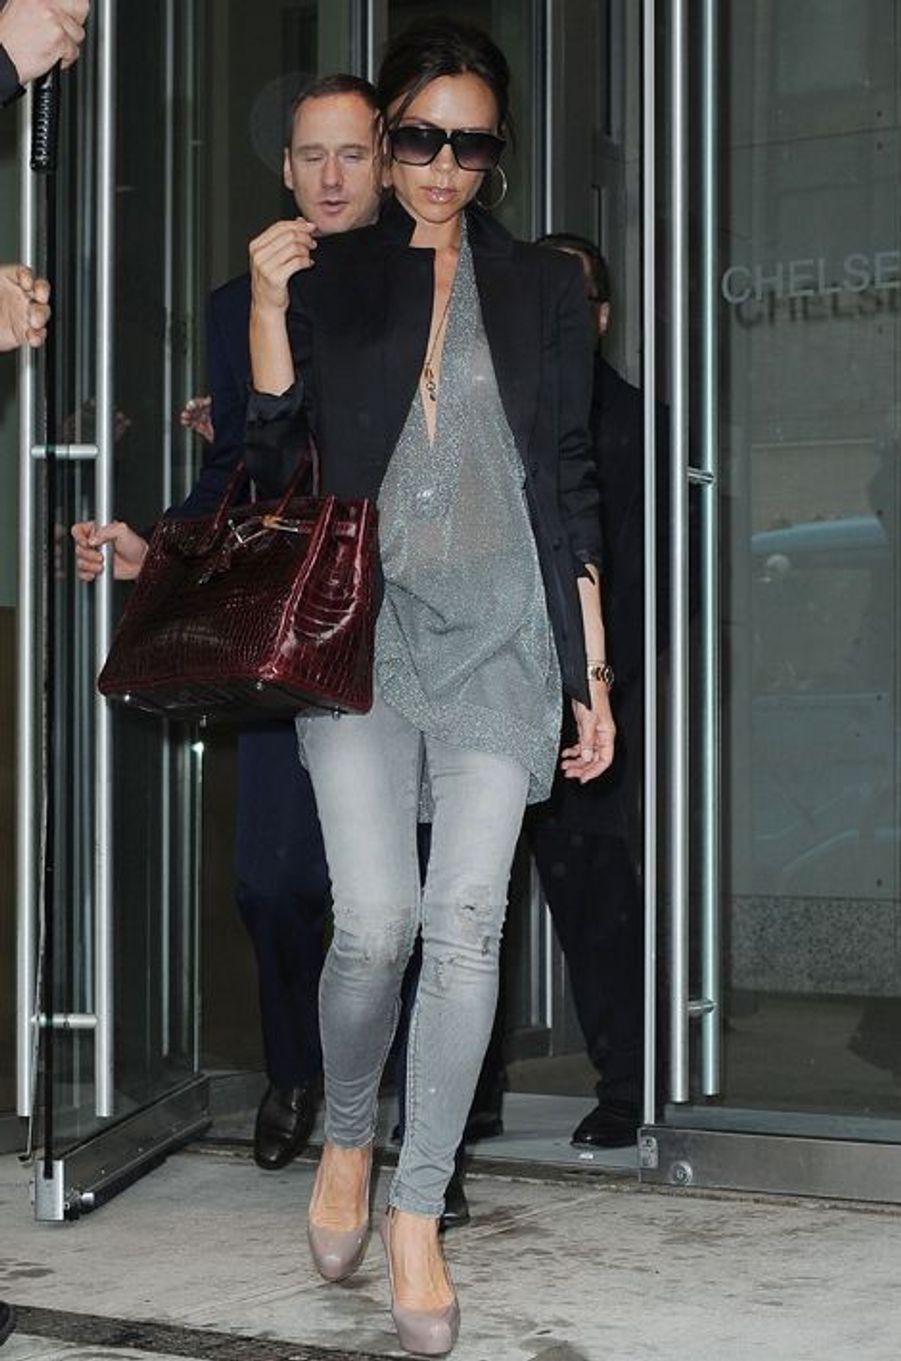 Son sac Birkin Croco à la main, Victoria Beckham découvre les galeries artistiques de New York le 26 avril 2010.